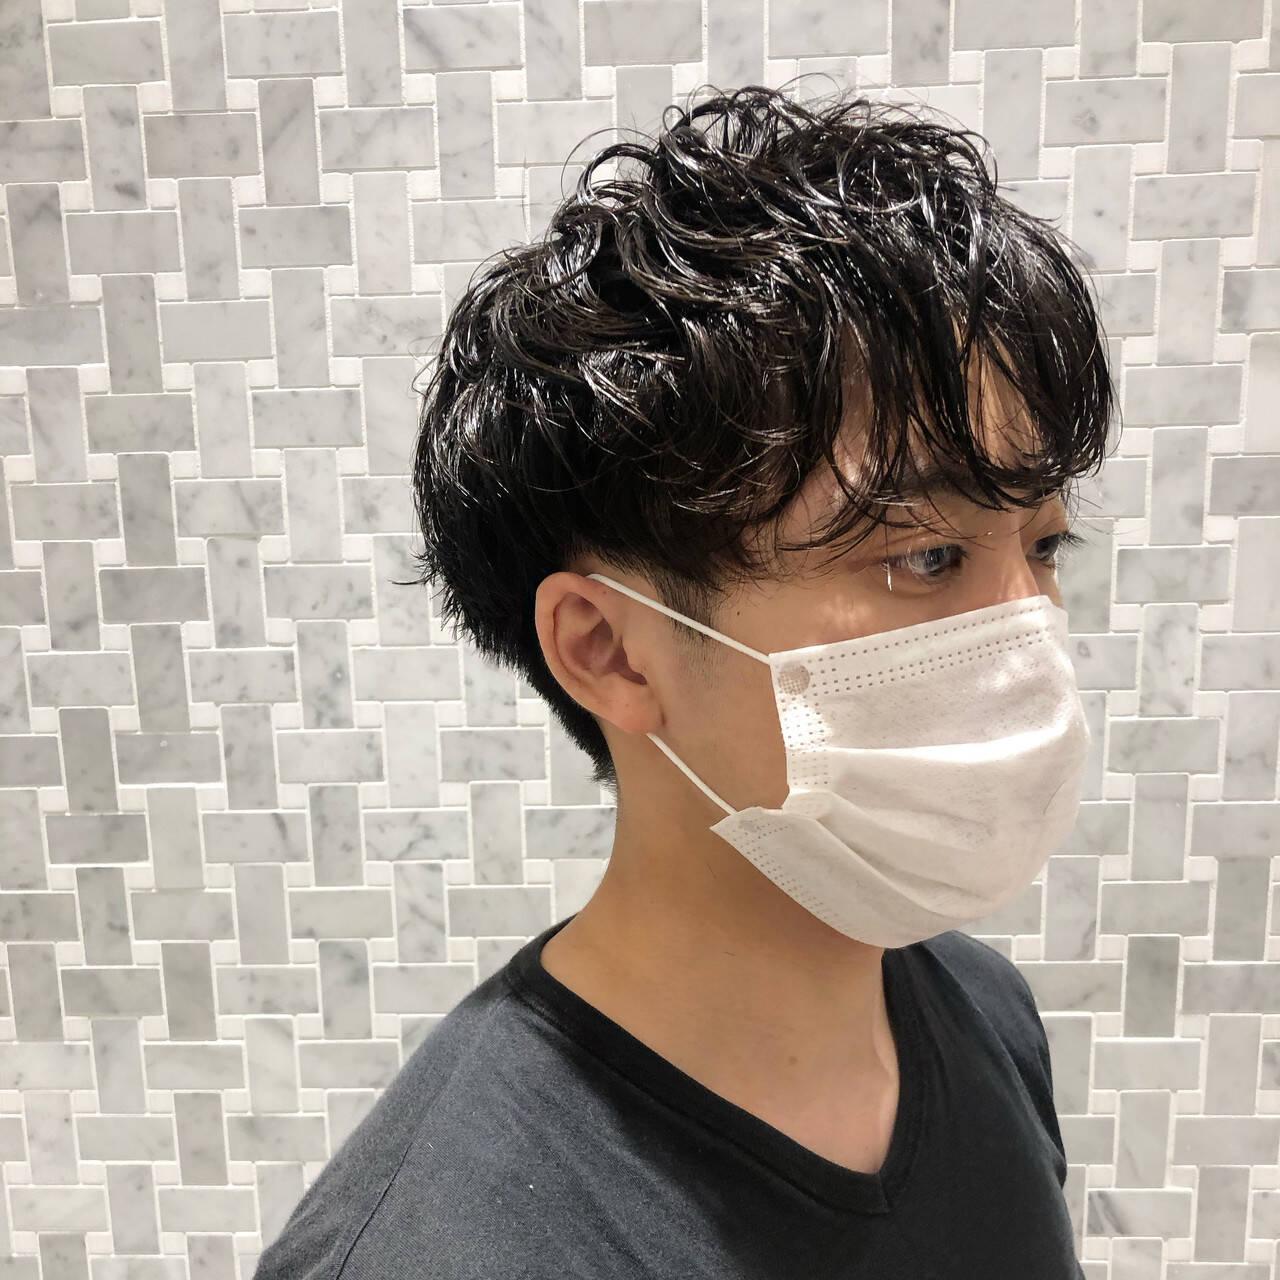 ナチュラル スパイラルパーマ メンズヘア メンズパーマヘアスタイルや髪型の写真・画像